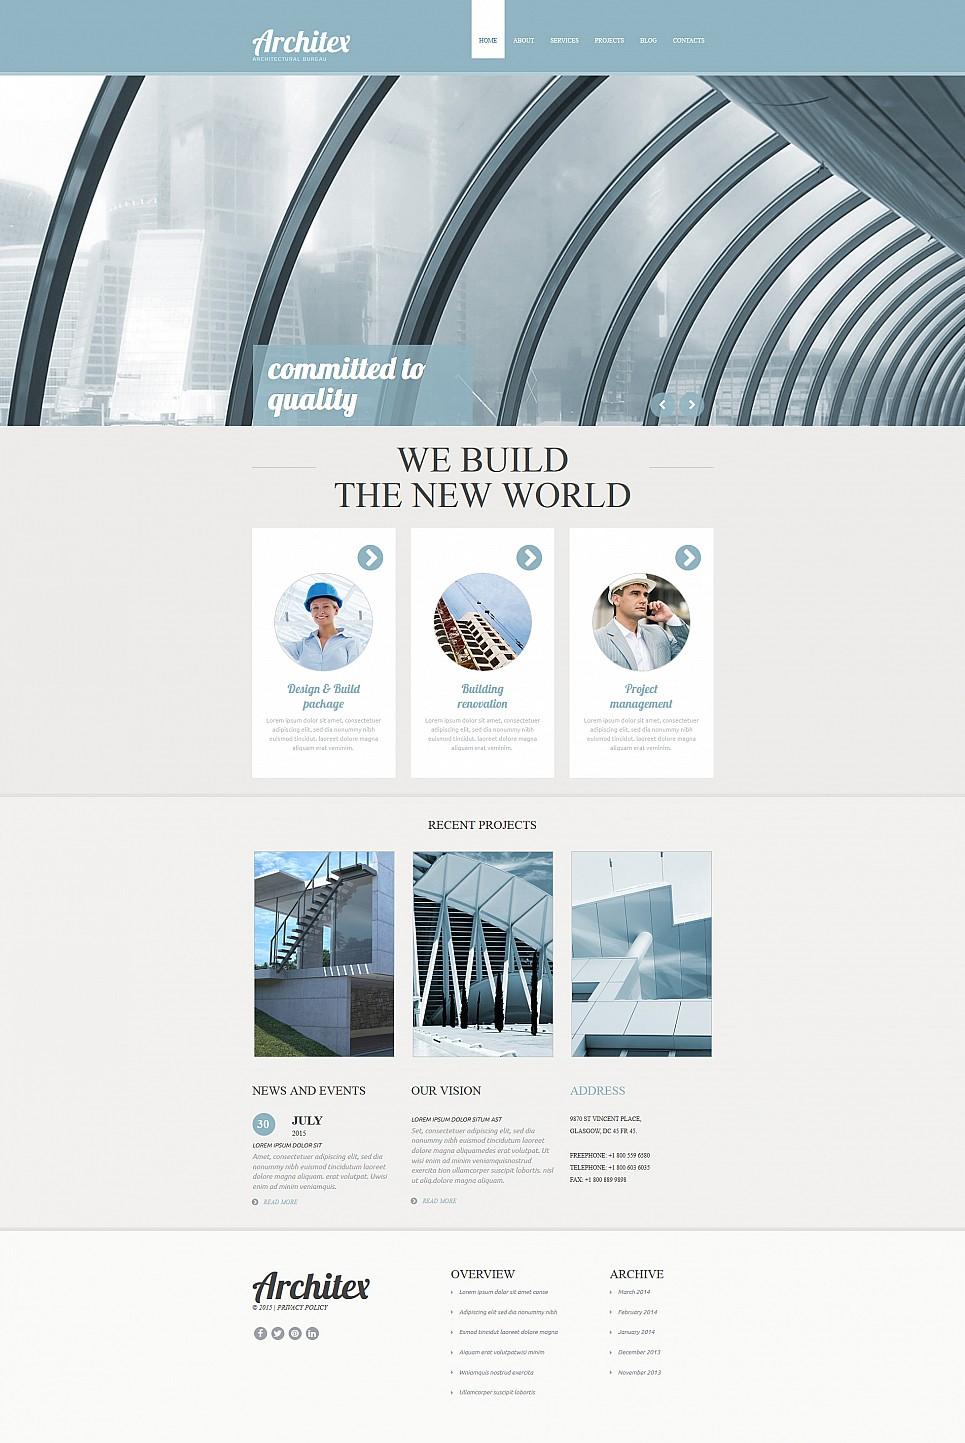 Diseño prehecho de sitio web de arquitectura - image